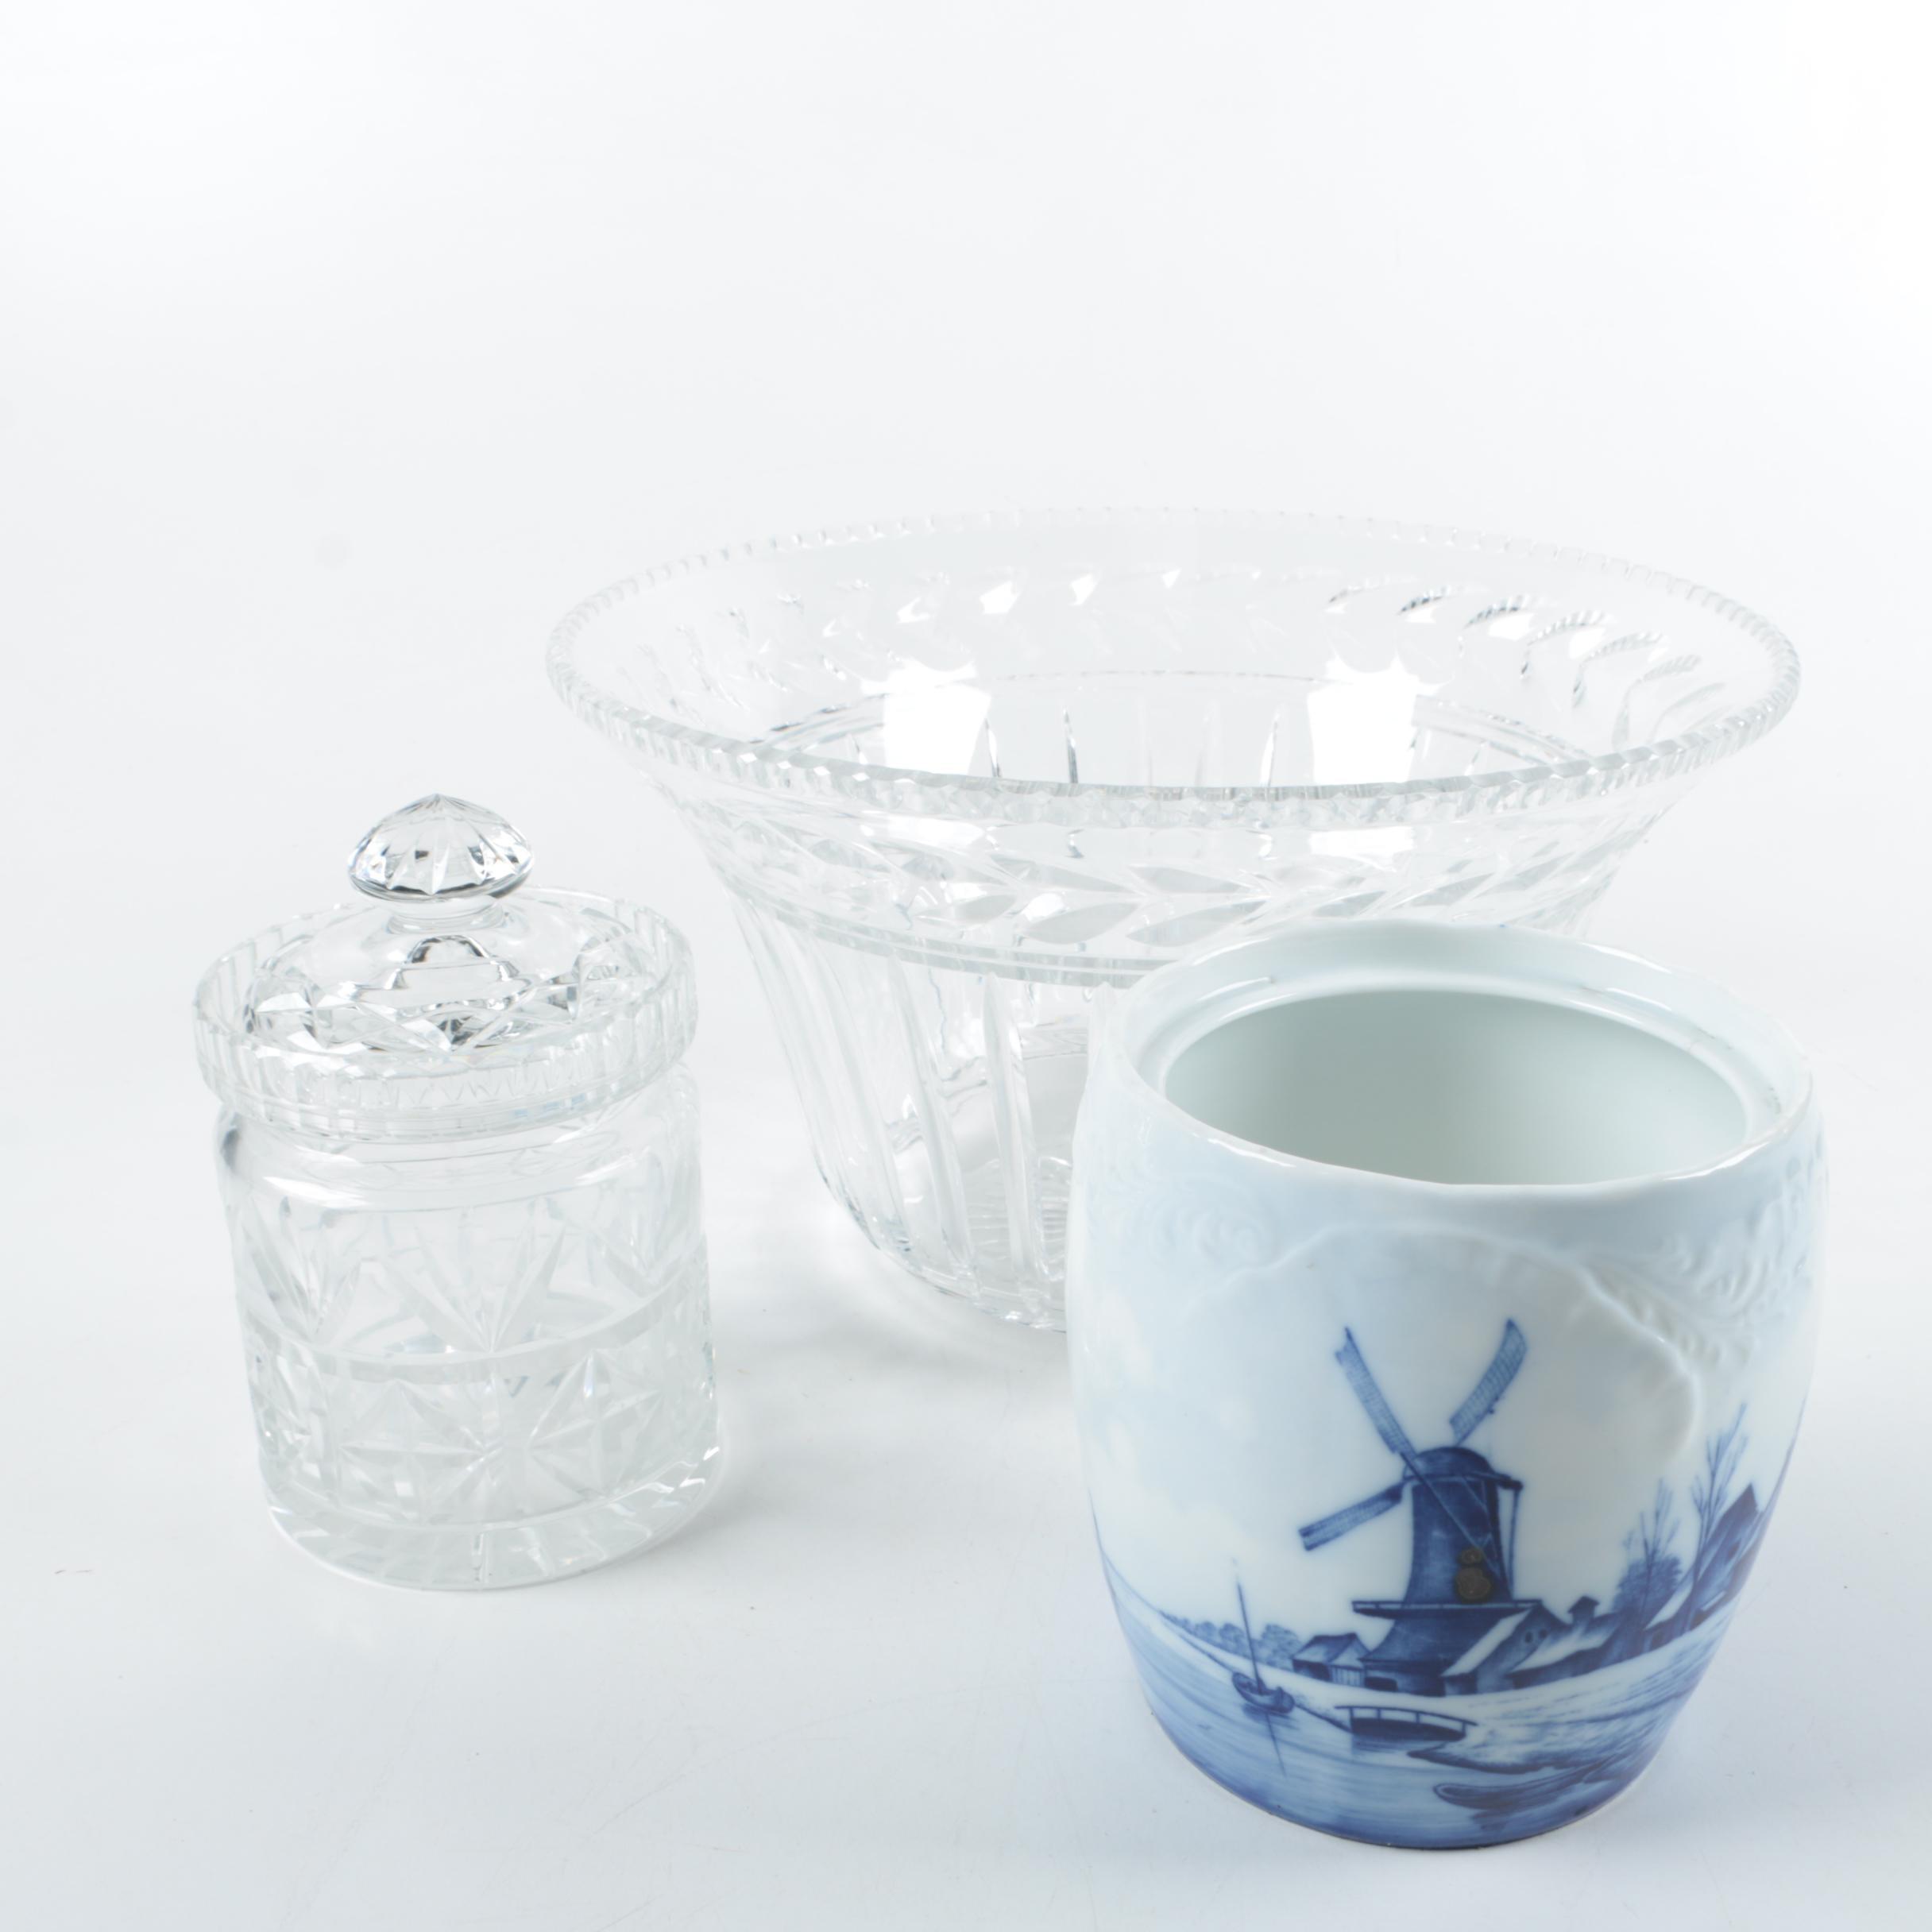 Crystal Biscuit Jar, Bowl, and Delft Porcelain Jar